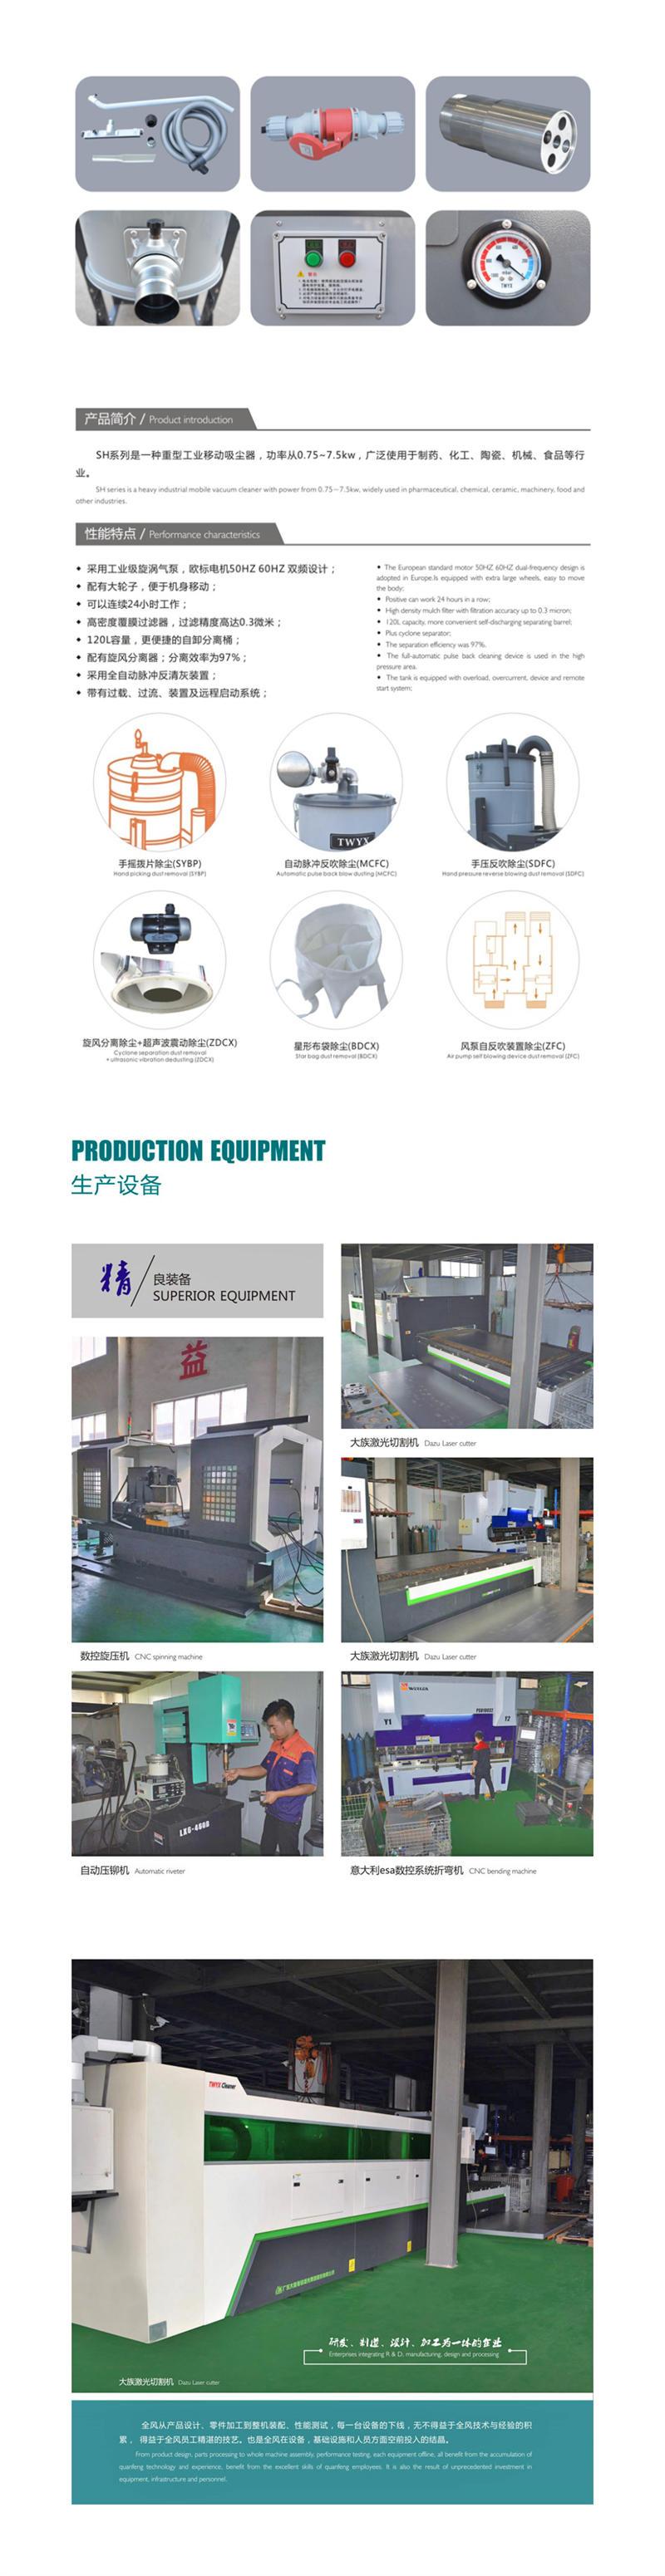 大型磨床工业吸尘器 上料吸尘器 吸颗粒工业吸尘器示例图4